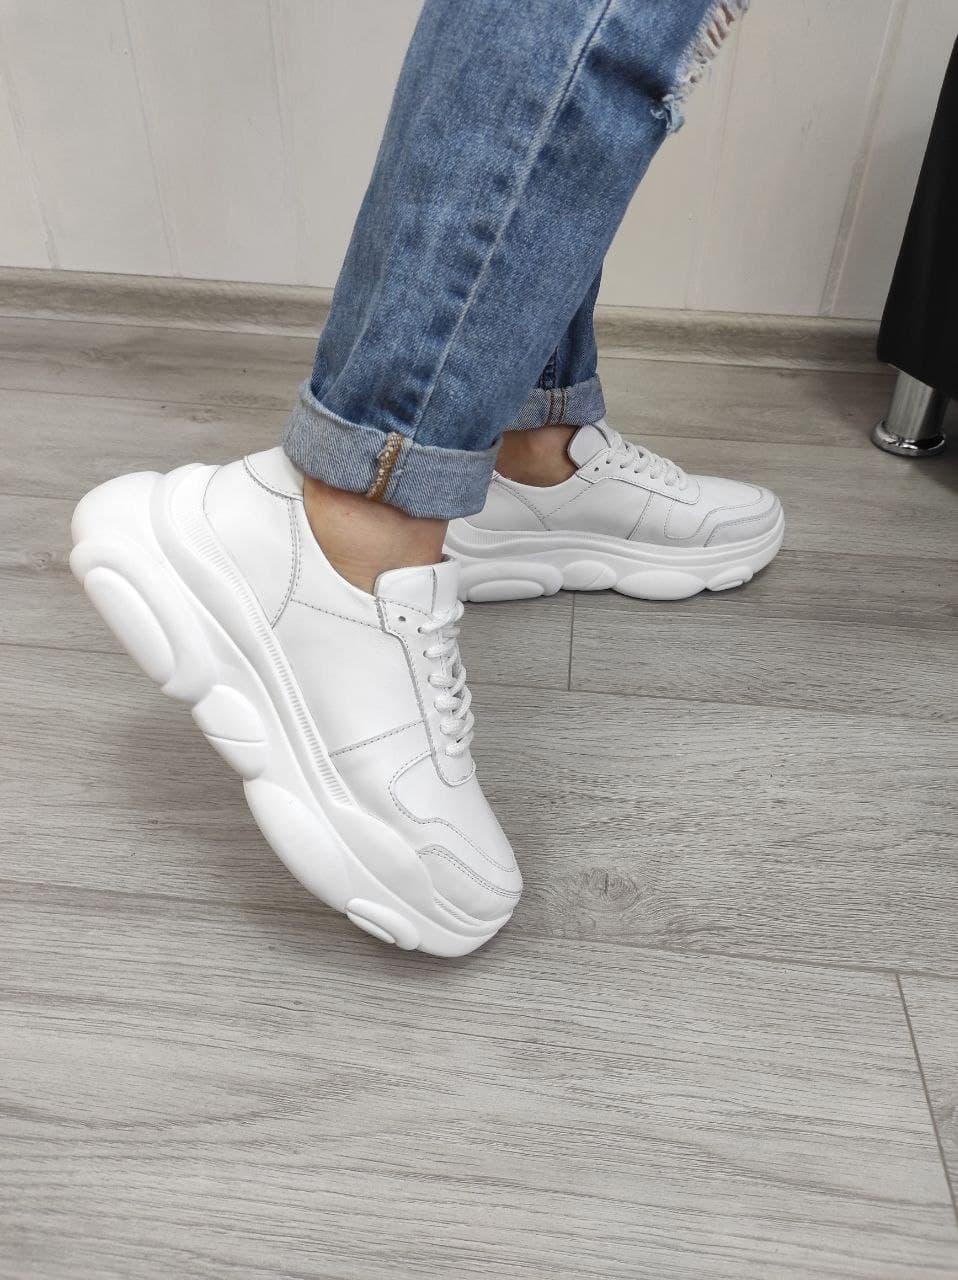 Білі шкіряні кросівки на підошві стильною